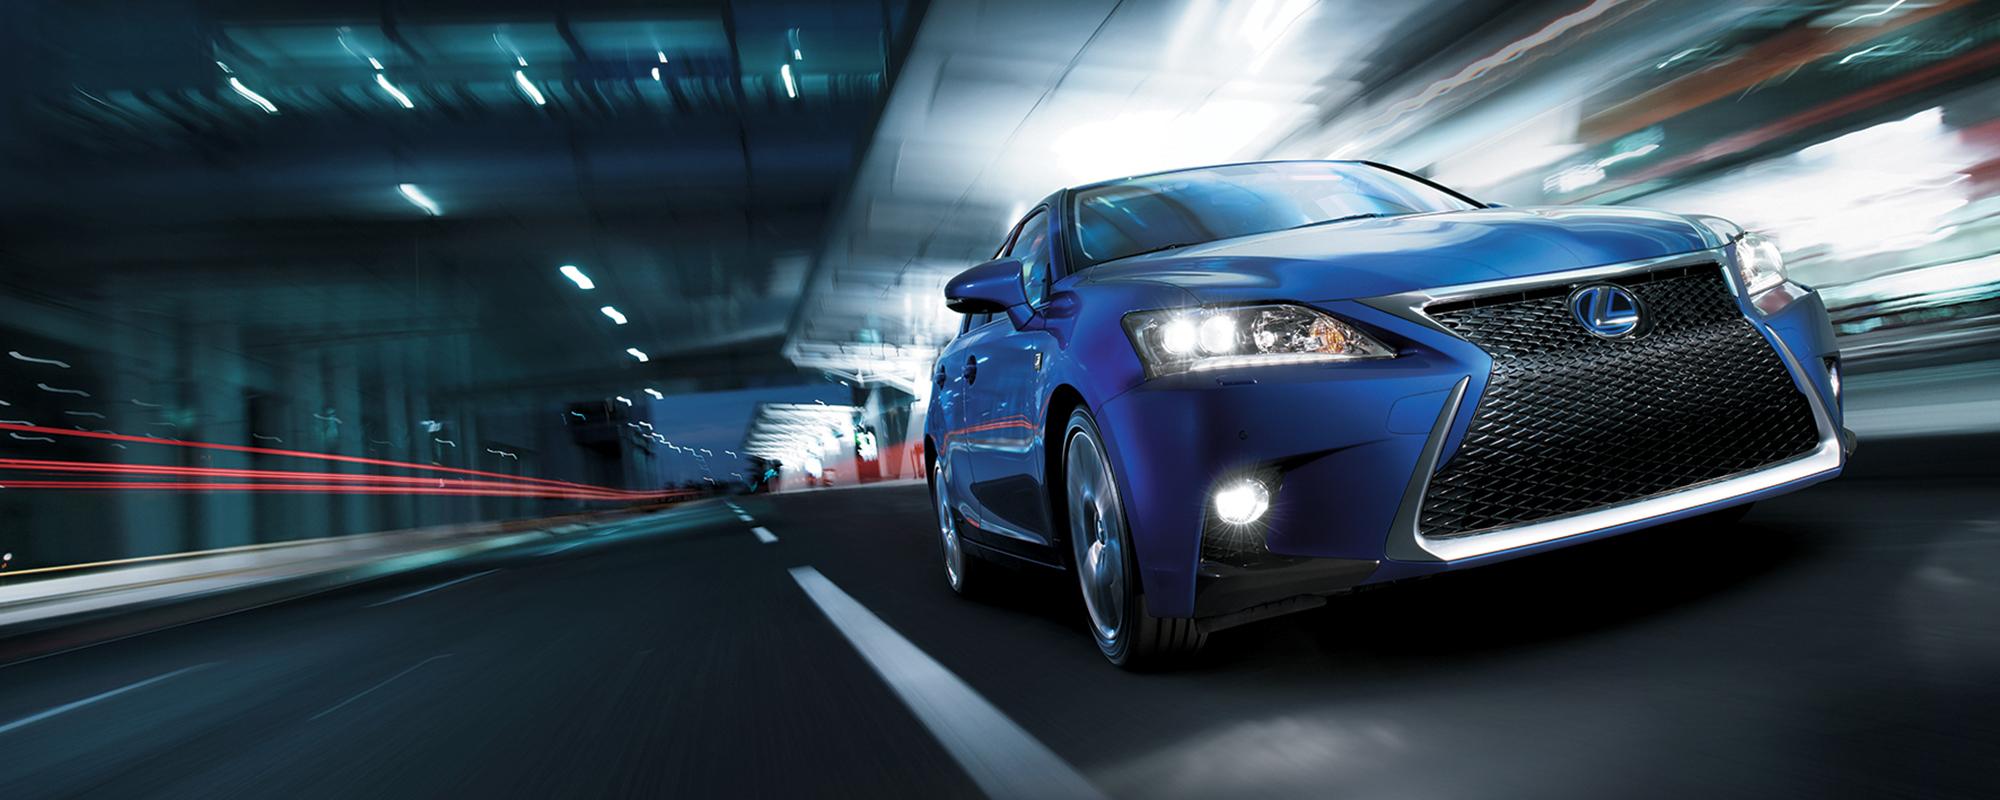 Exclusieve preview nieuwe Lexus CT 200h